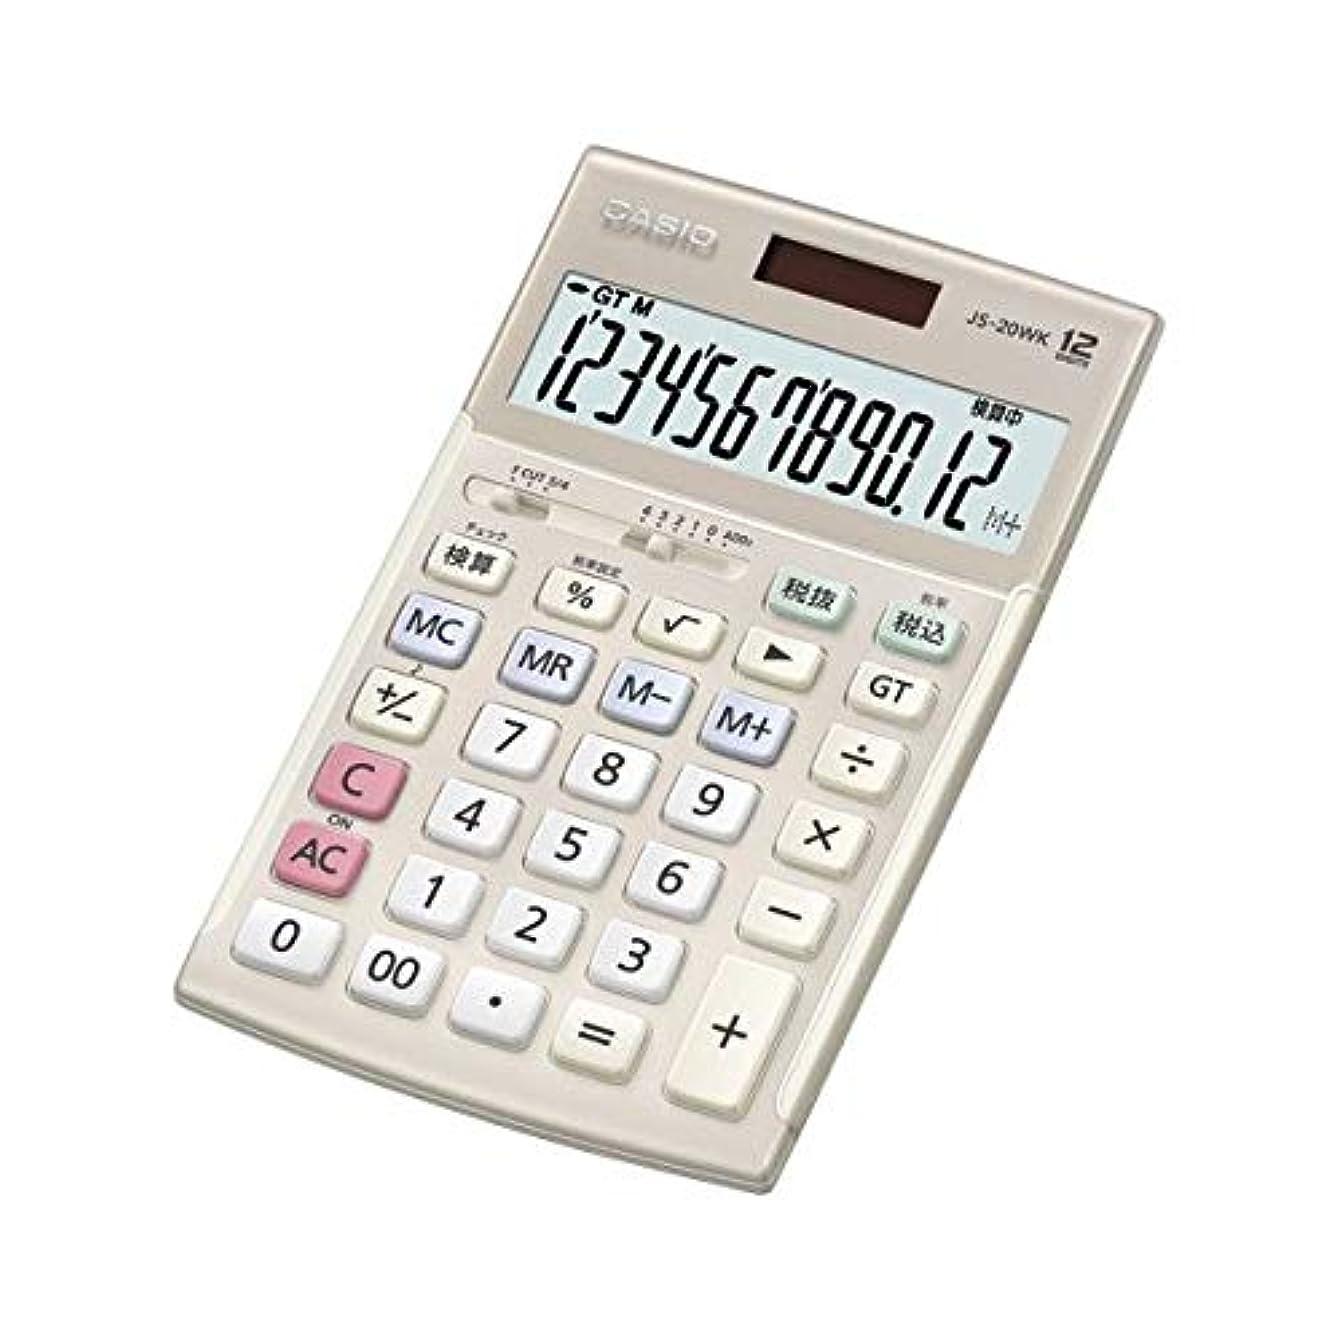 カシオ 実務電卓 ジャストサイズ ゴールド JS-20WK-GD 生活用品 インテリア 雑貨 文具 オフィス用品 電卓 14067381 [並行輸入品]